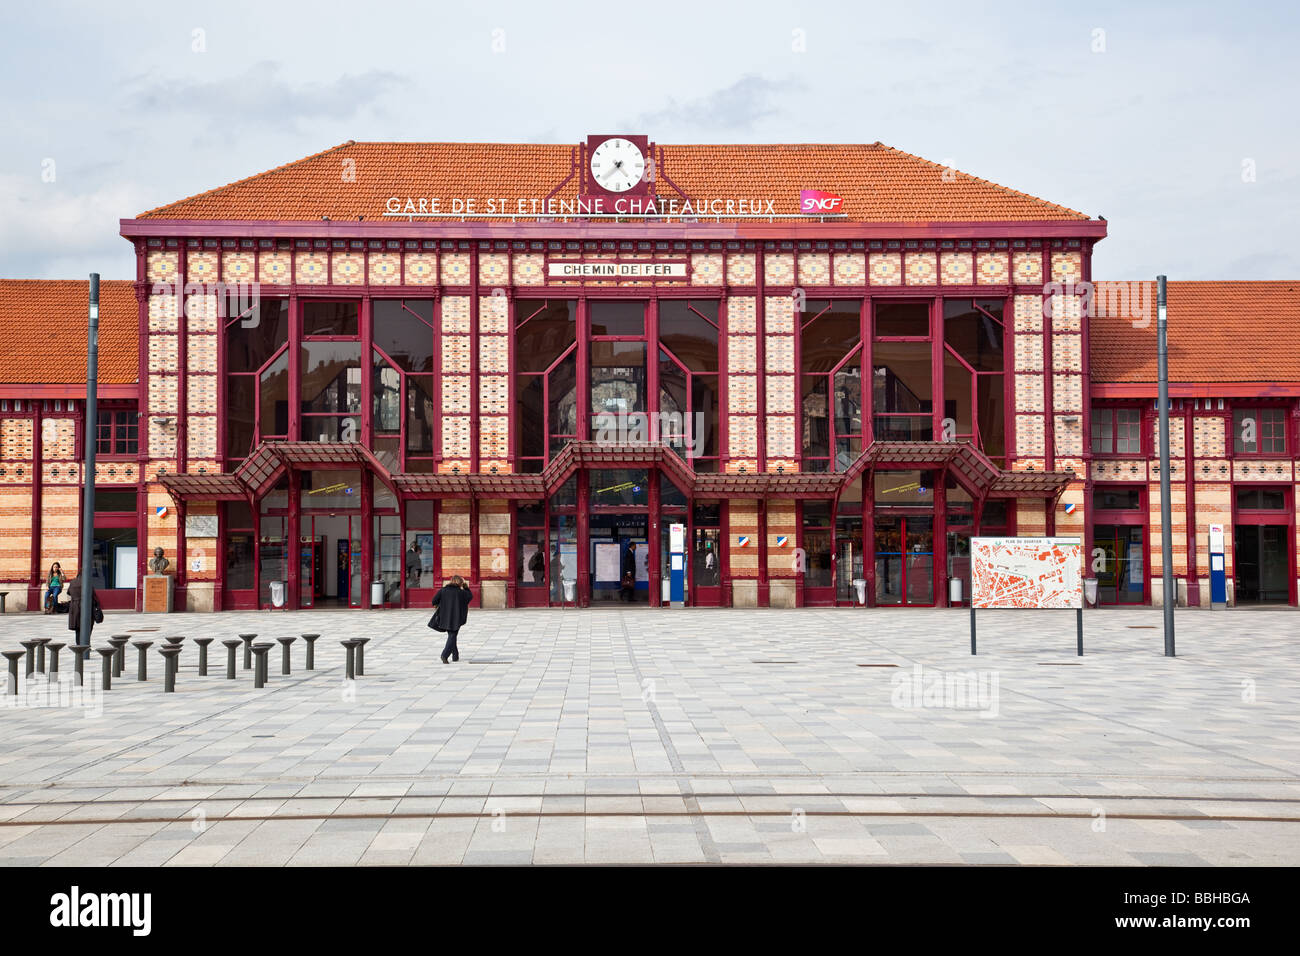 Gare de Saint Etienne Chateaucreux Chateaucreux train station Saint Etienne  France - Stock Image d350832624cd